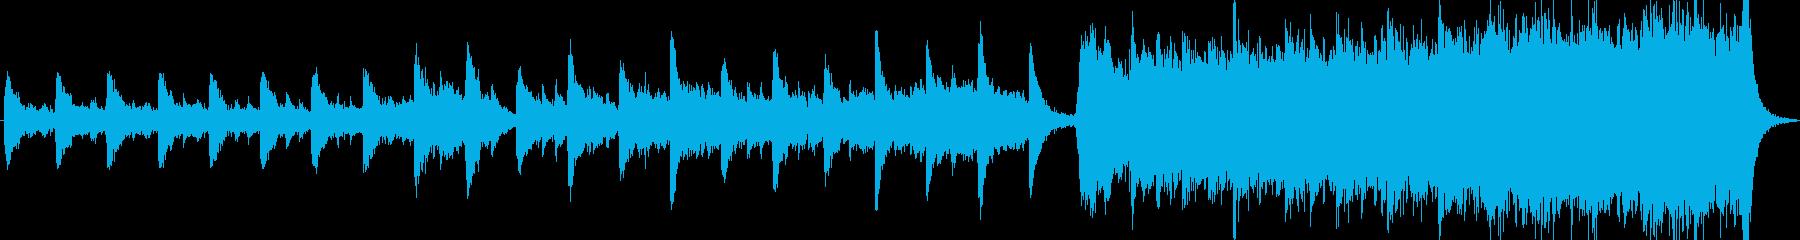 オーケストラ 心に強く訴える 音楽の再生済みの波形